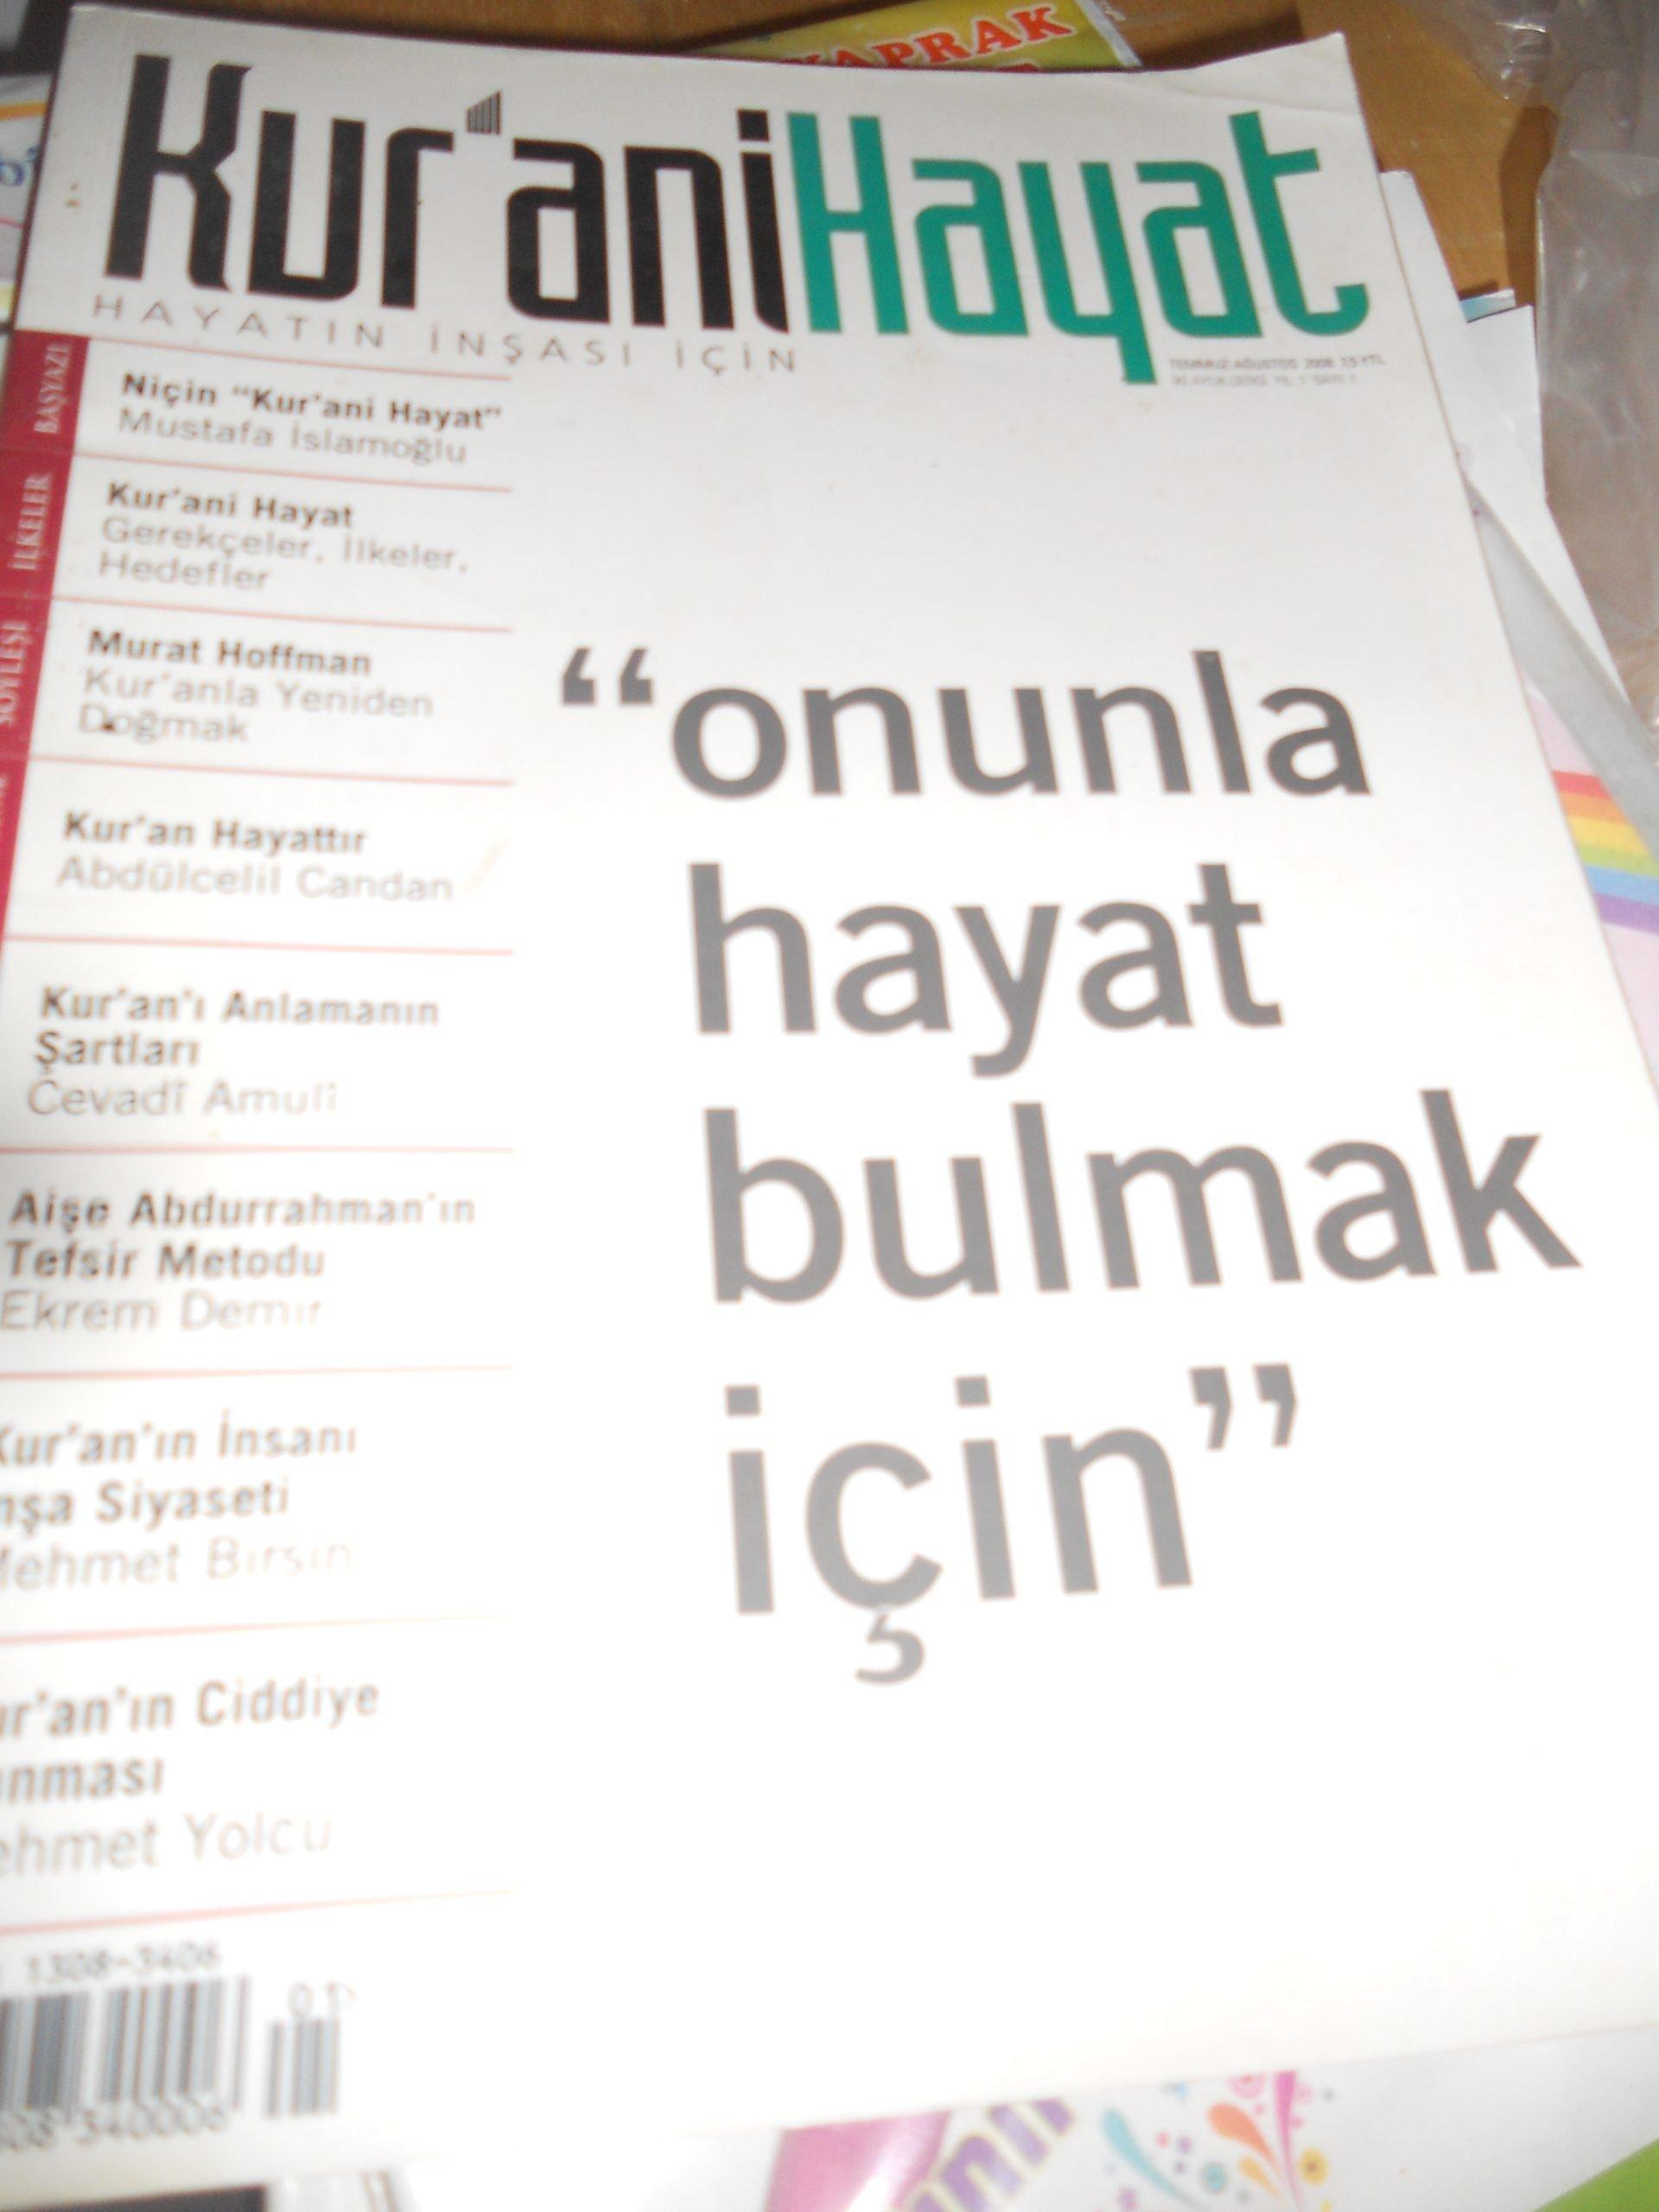 KUR'ANİ HAYAT/Ağustos 2008/ 10 tl